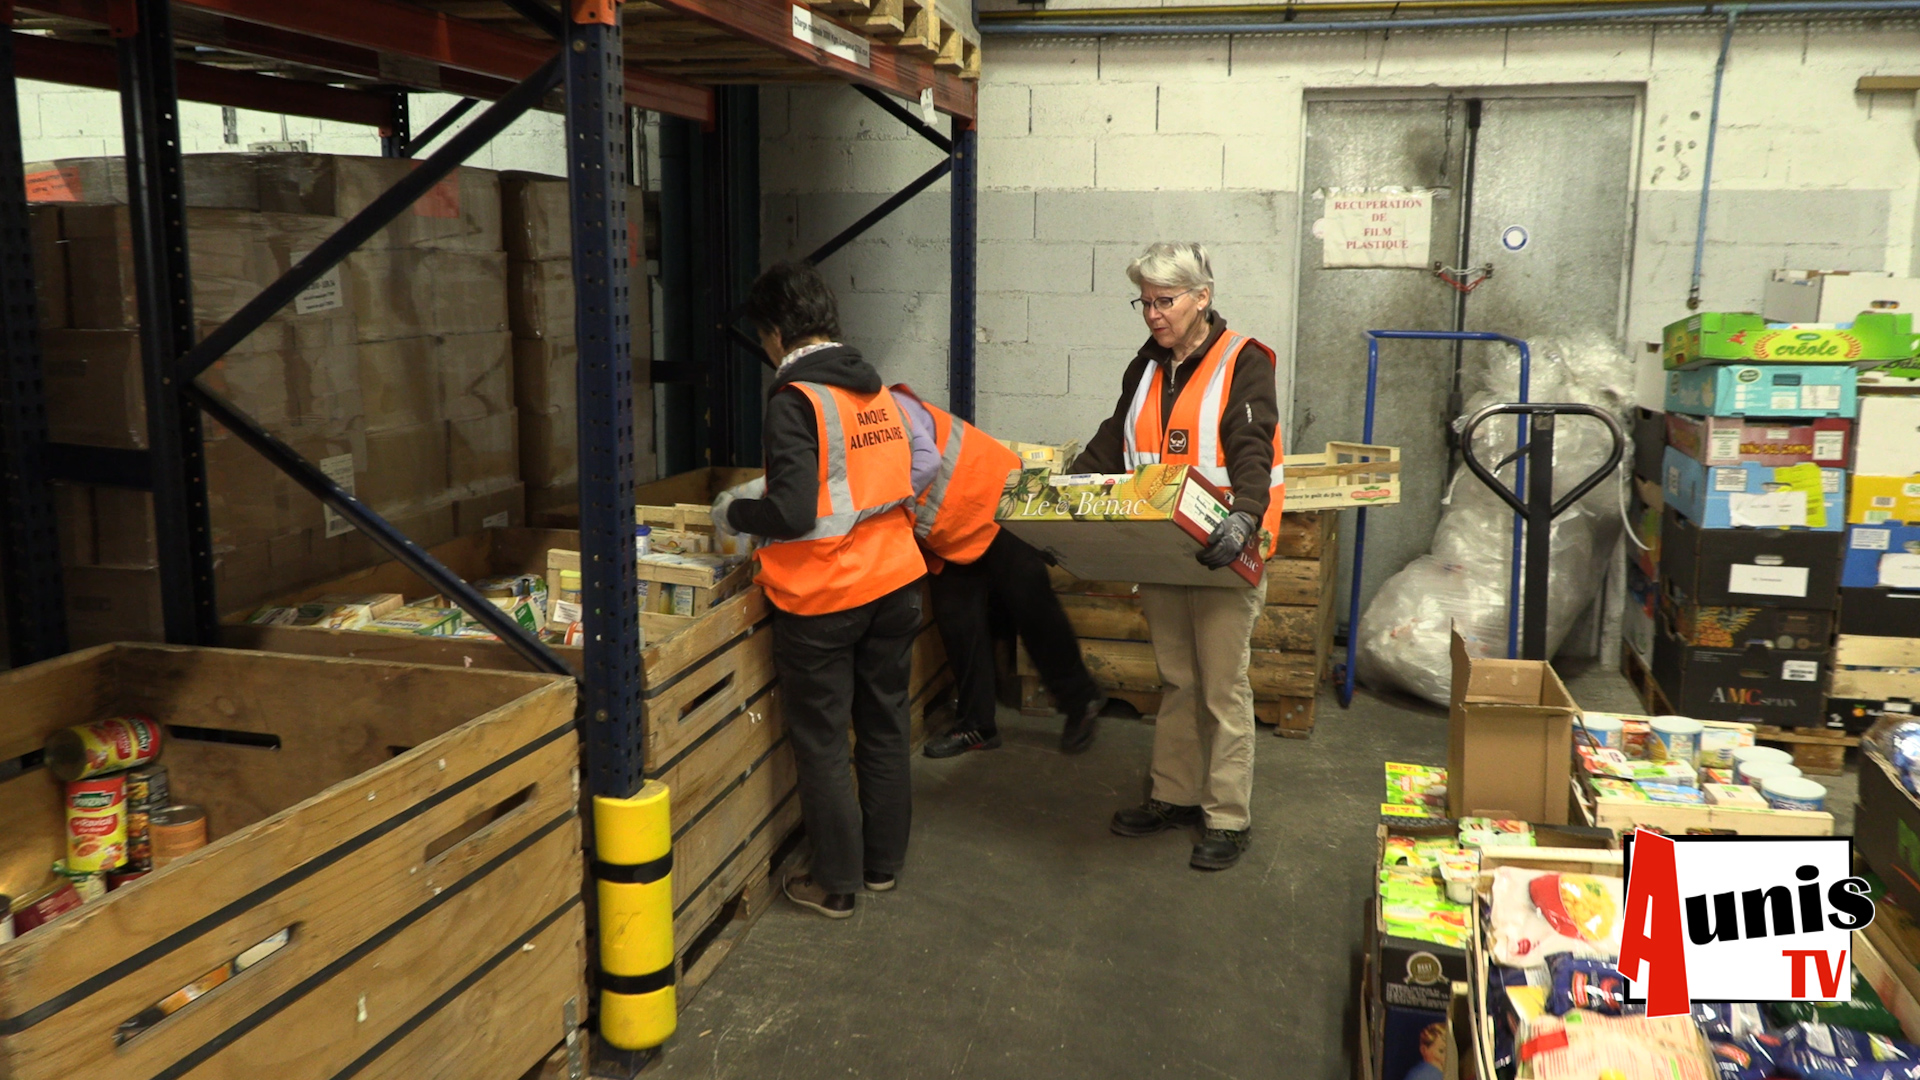 Banque alimentaire don bénévole